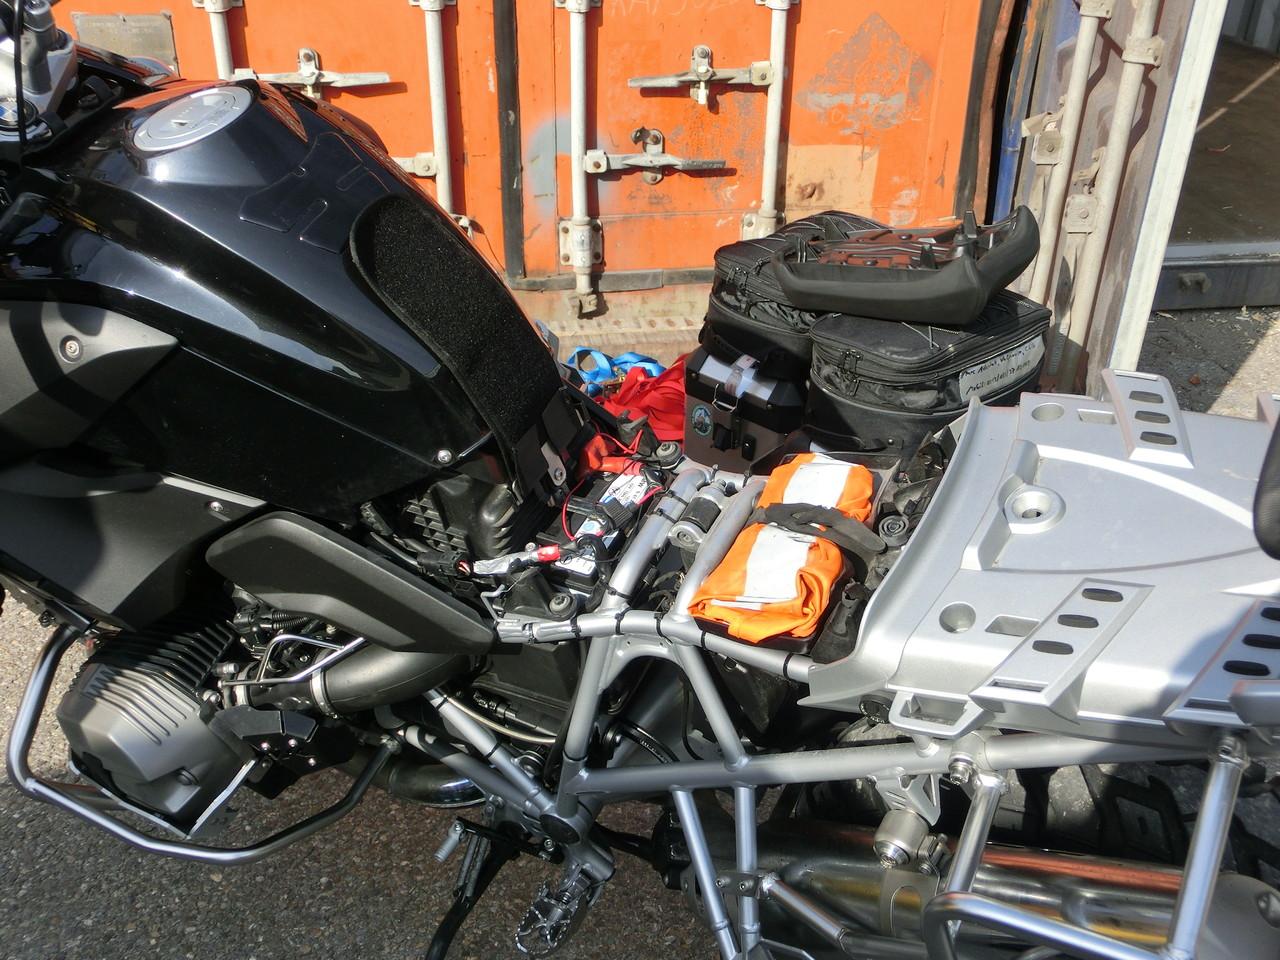 Batterie abklemmen muss für den Transport sein, damit nix passiert